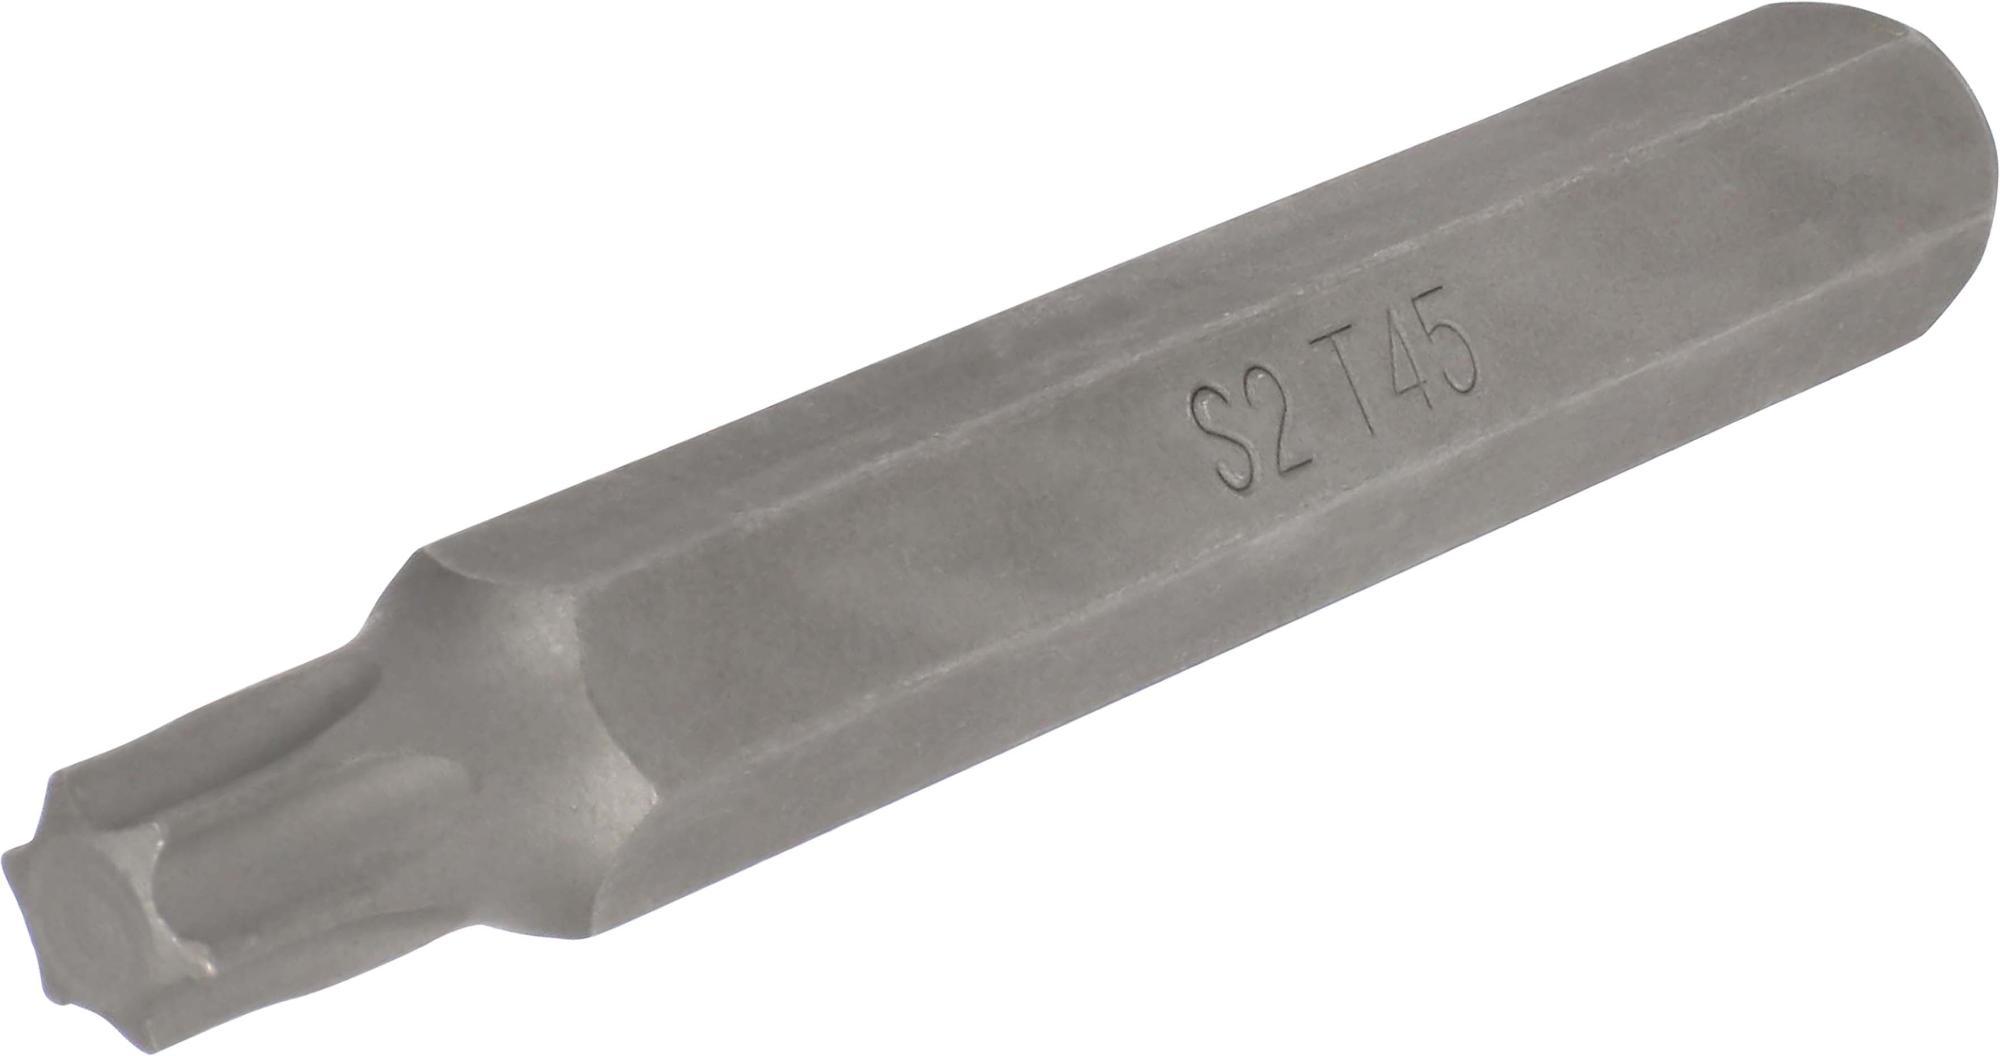 Bit, 10 mm 6-hran, TORX T45x75 mm